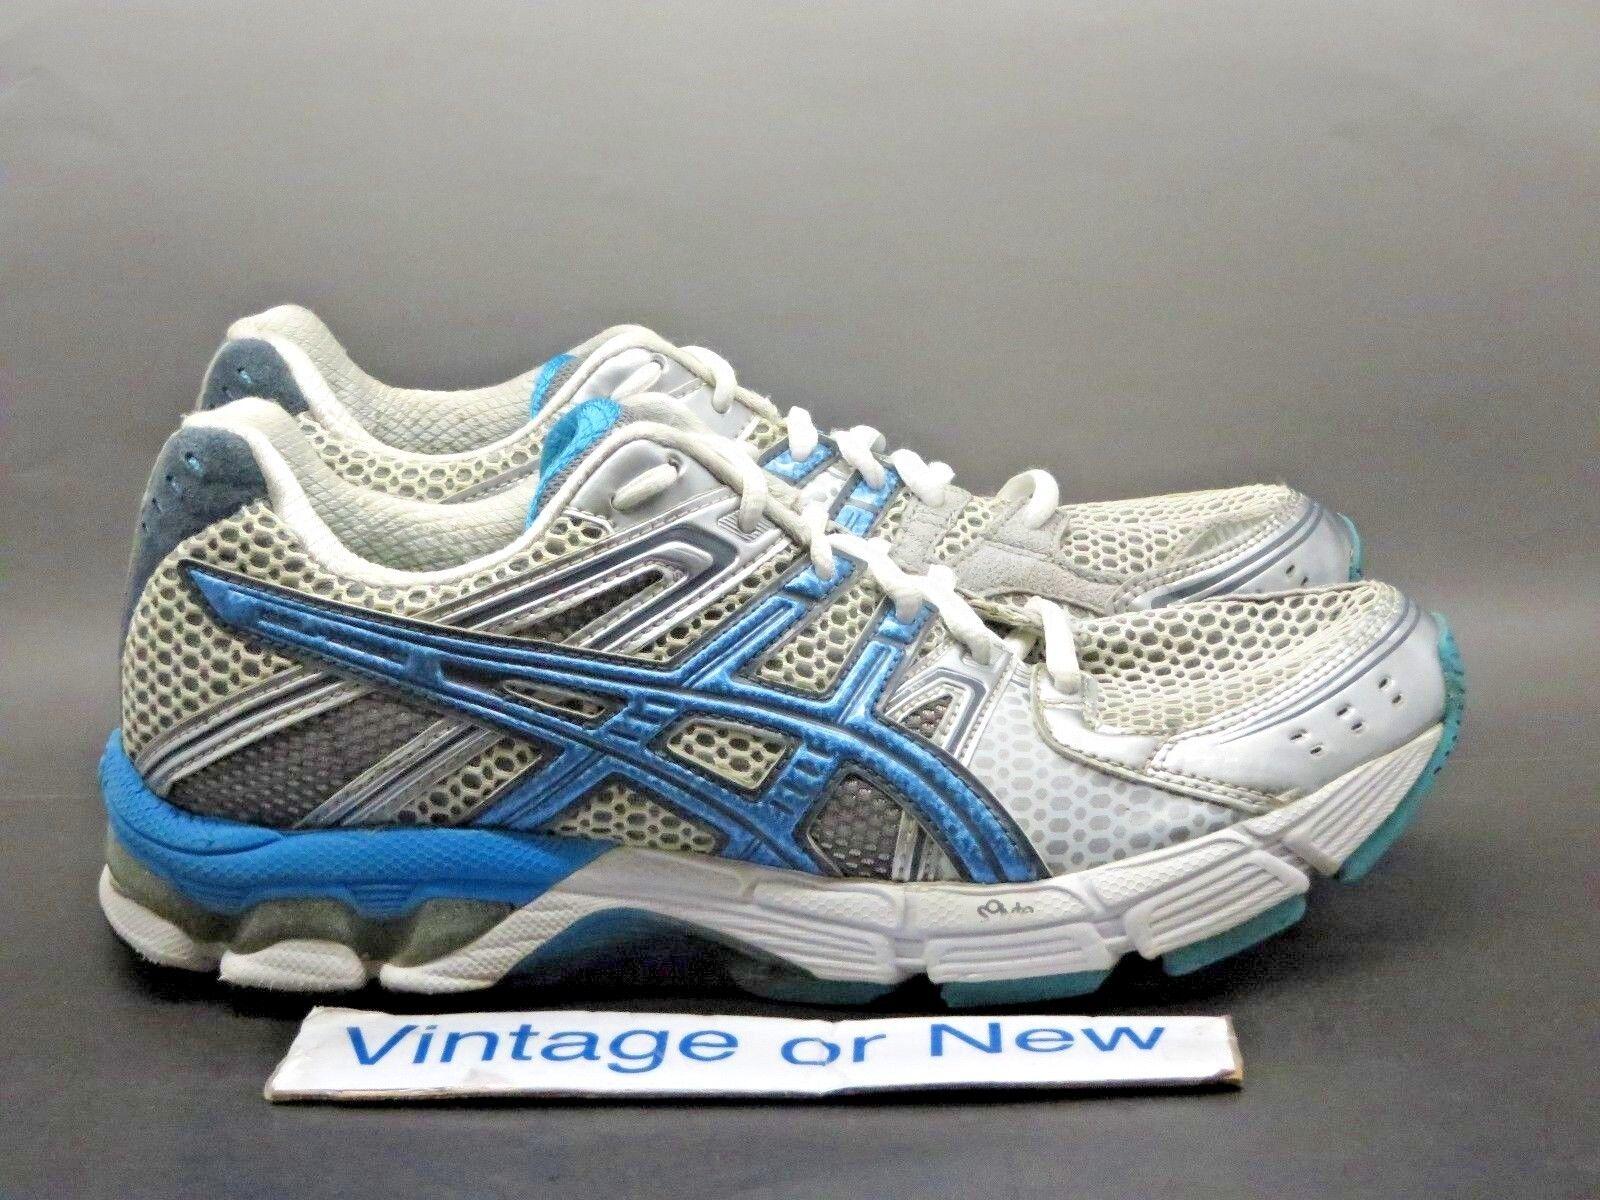 Women's Asics Gel-3030 White Sky bluee Titan Running shoes T196N sz 8.5